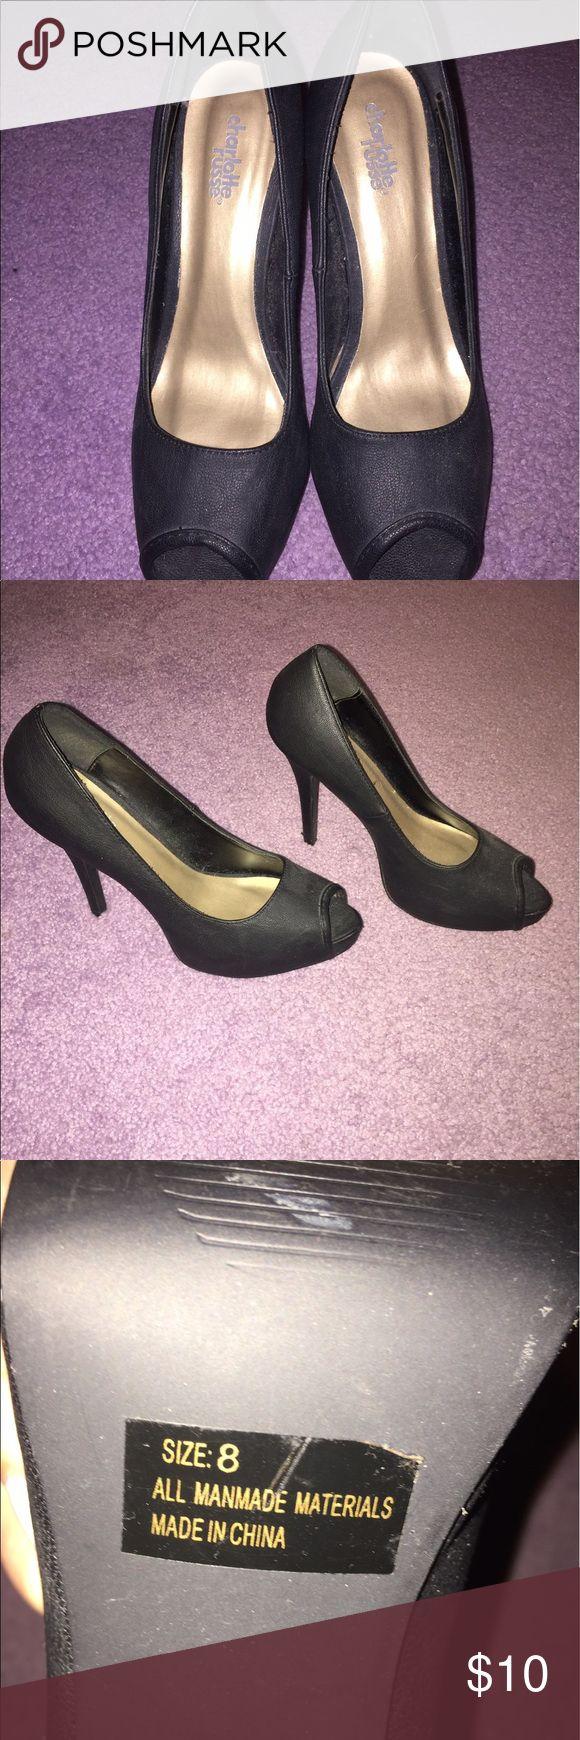 Charlotte Ruse Heels Black faux leather heels Charlotte Russe Shoes Heels